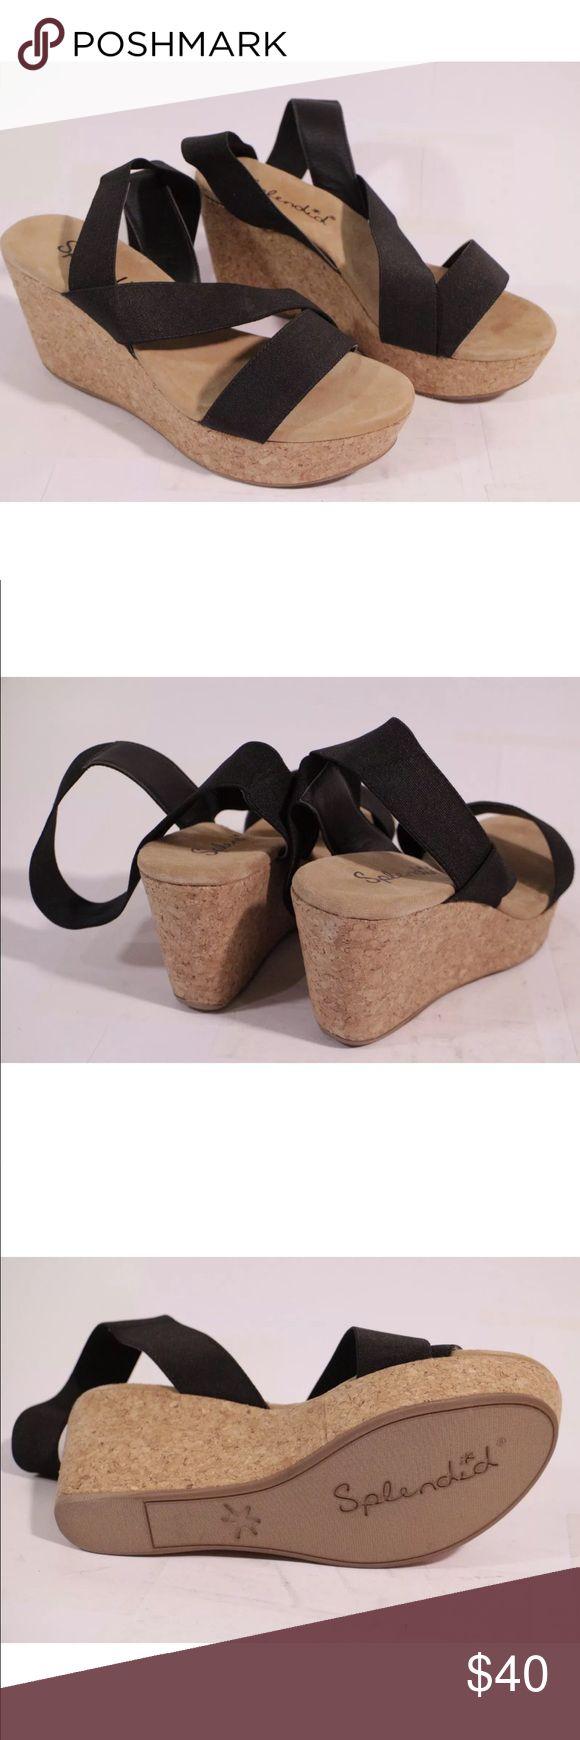 Splendid wedge sandals new Brand new, splendid black wedge sandals Splendid Shoes Wedges